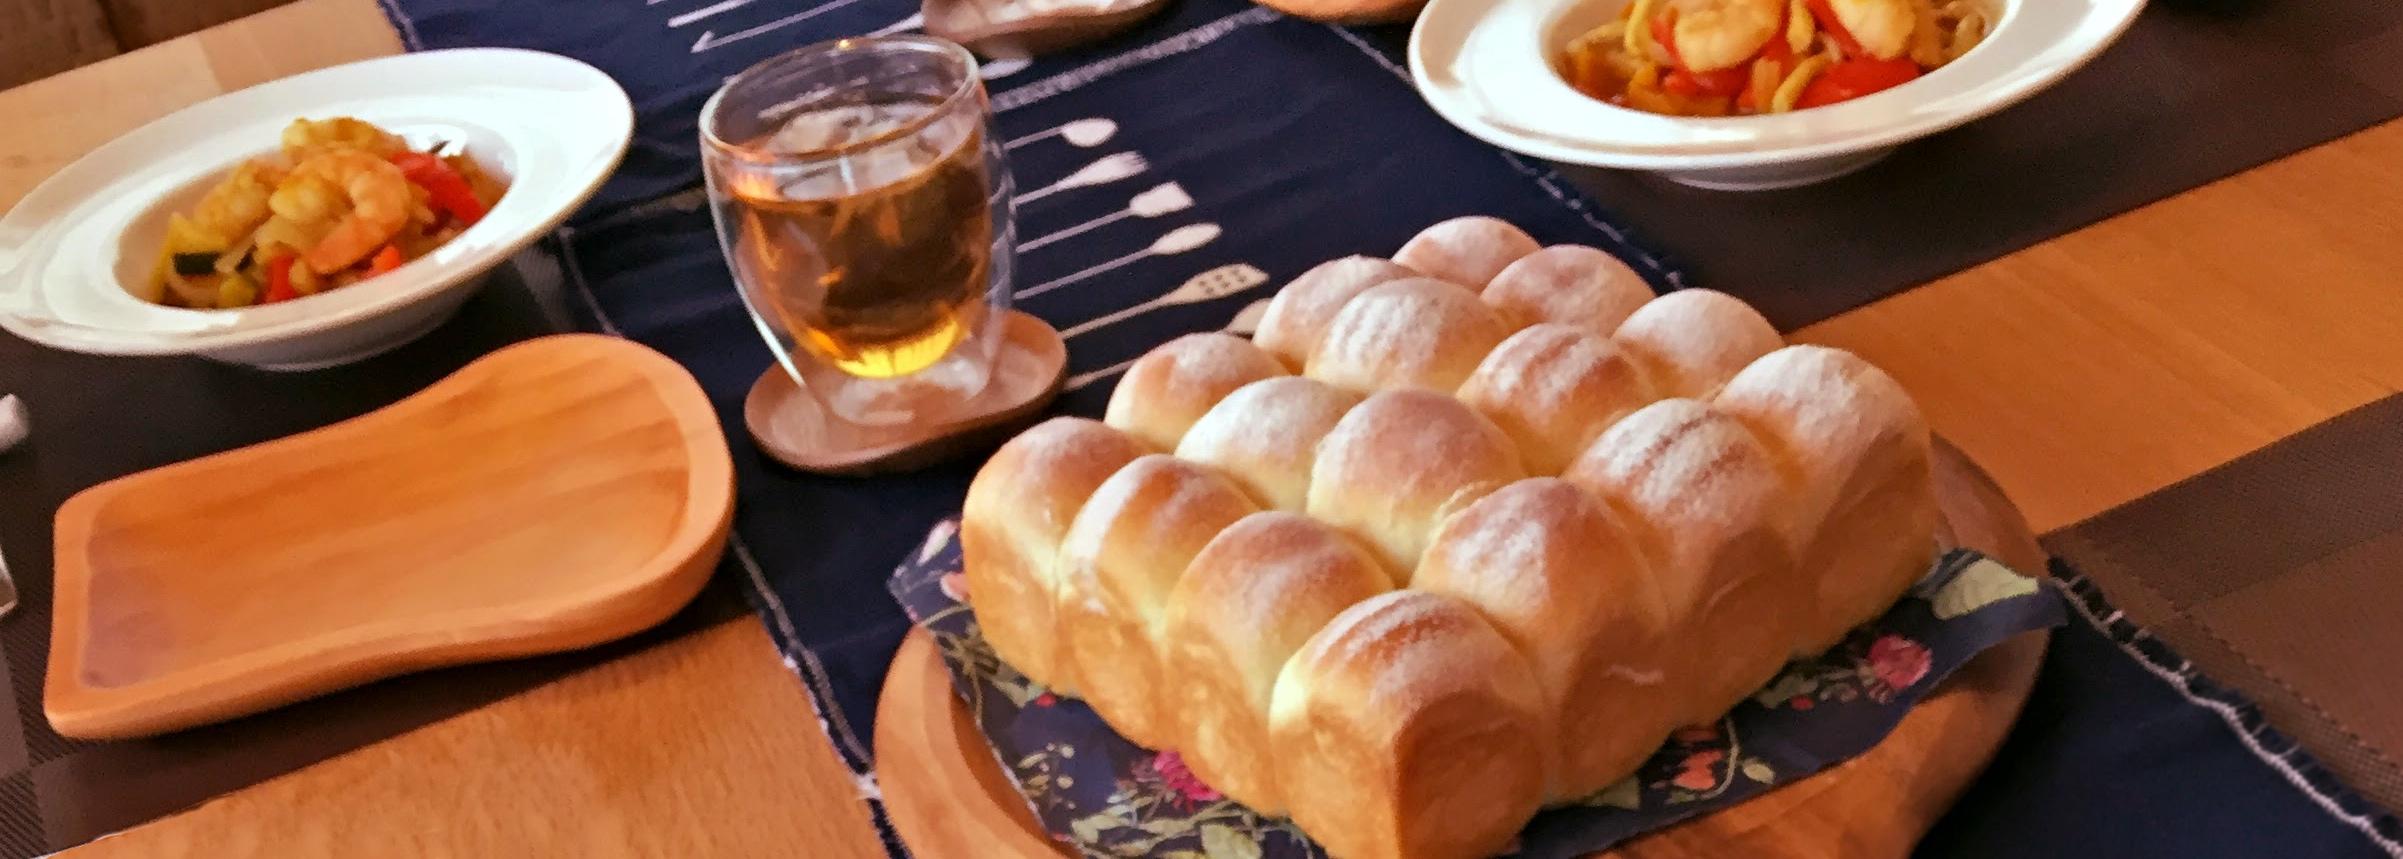 長岡市 手づくりパン教室 ぽわん